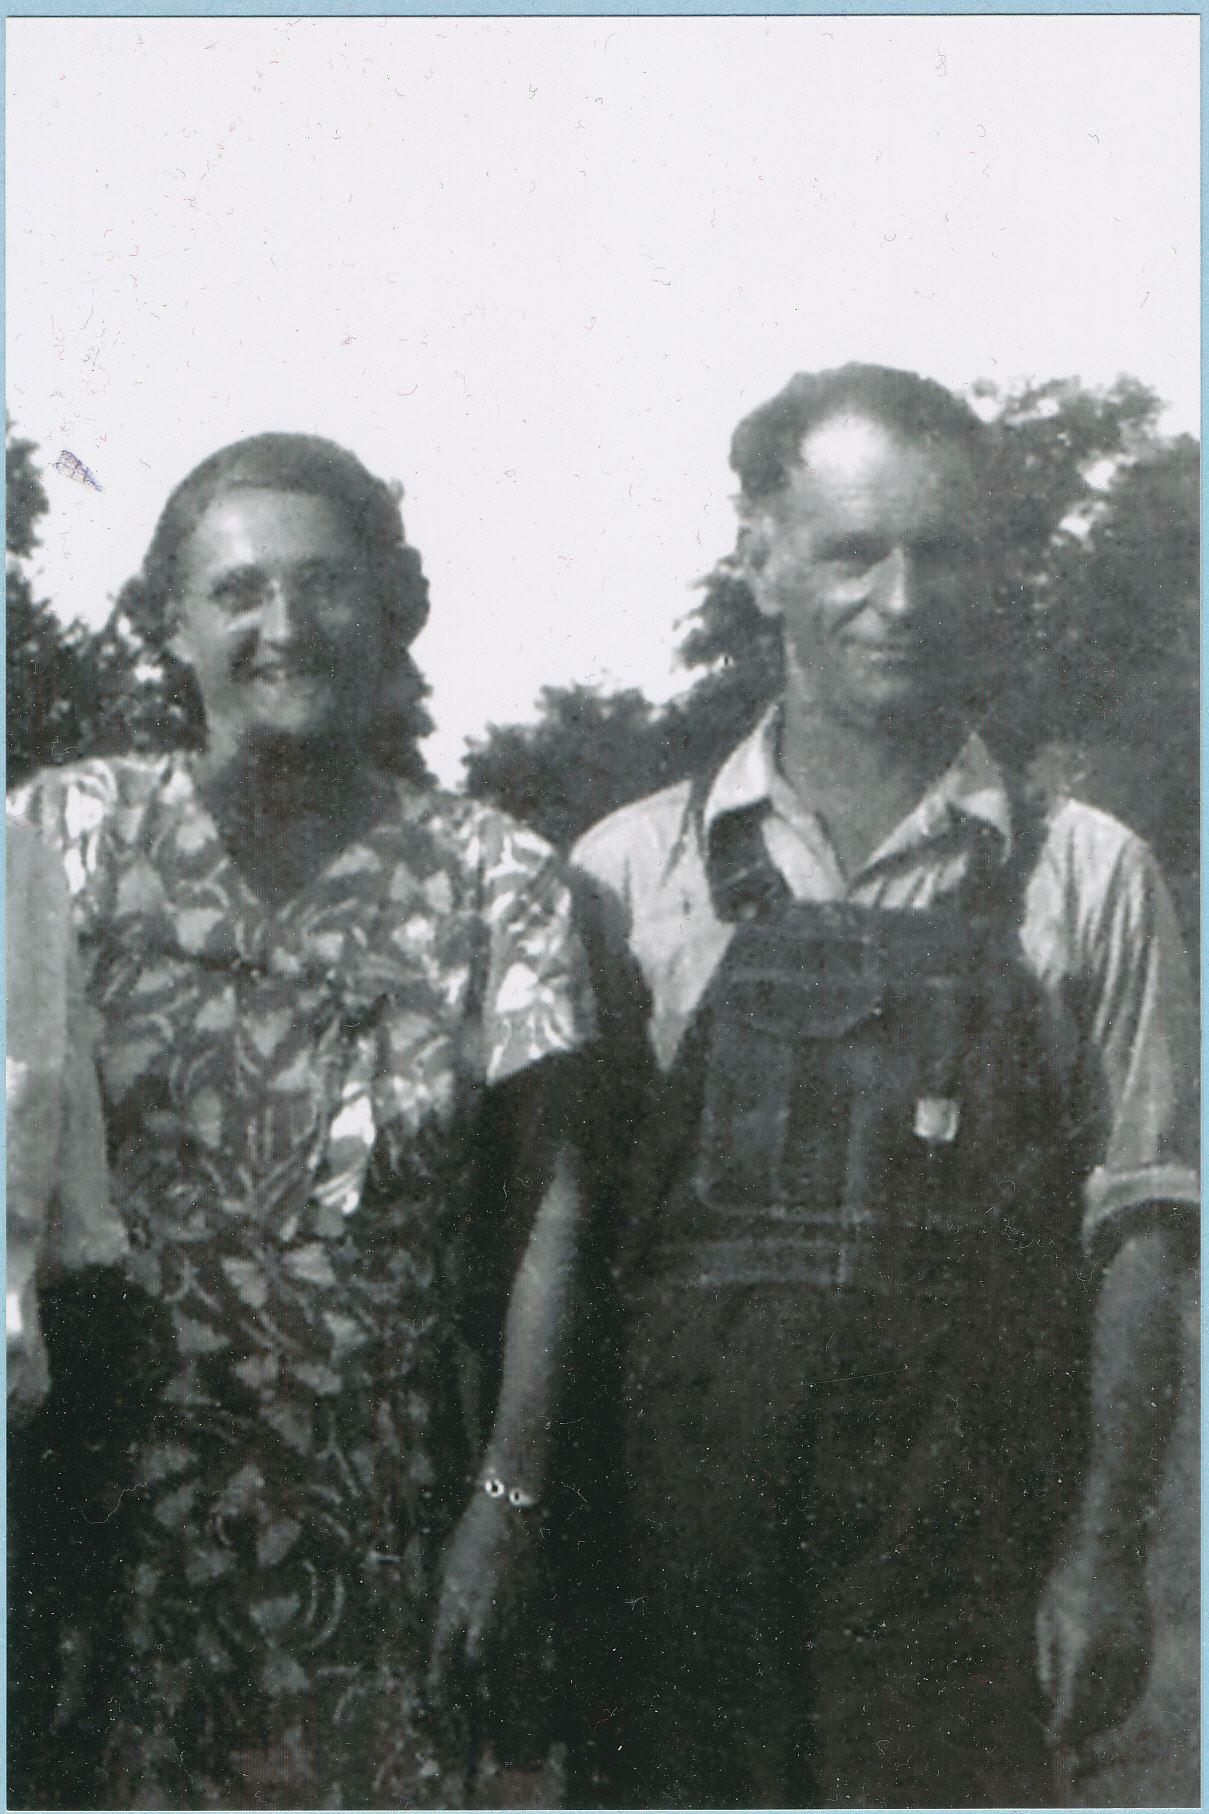 iley Joyce (1894-1951)